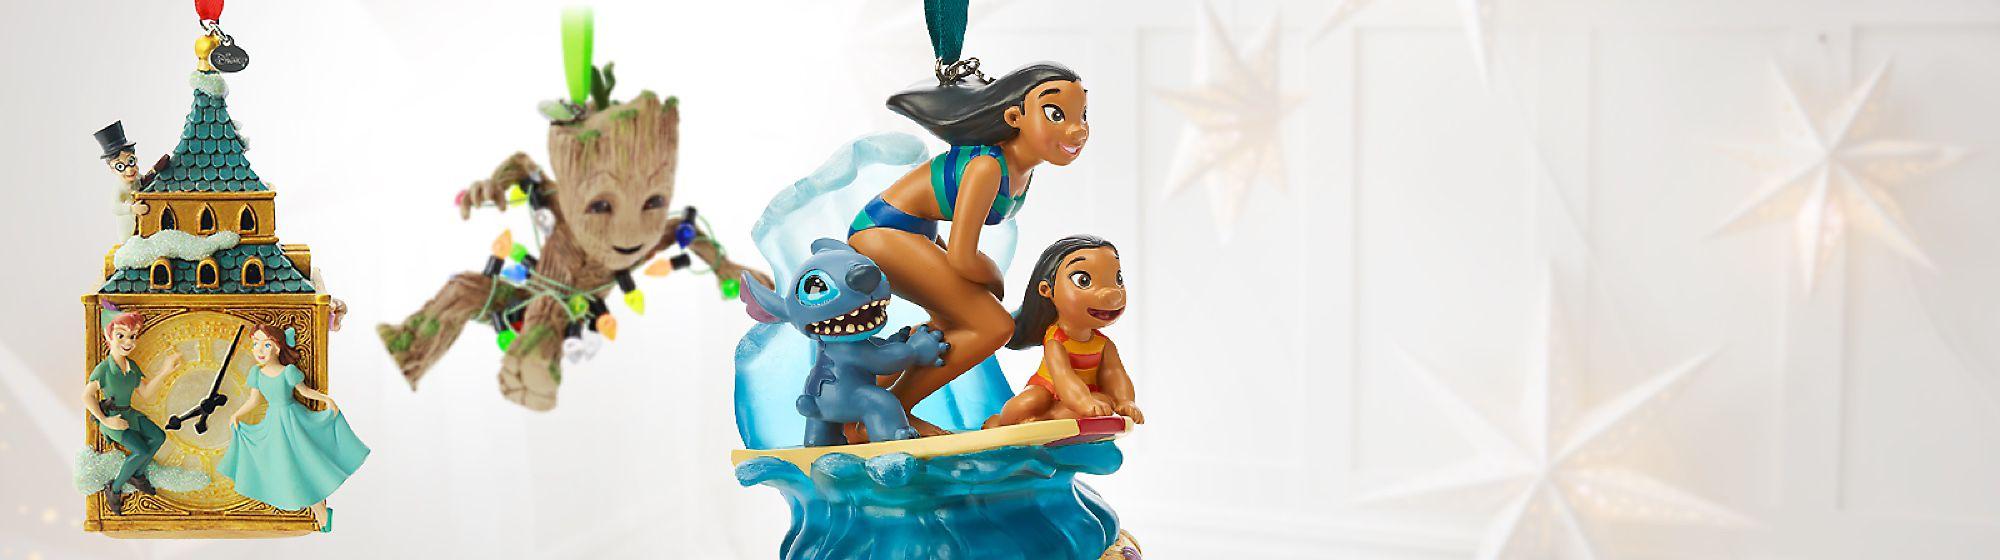 Figurines Collector Enrichissez votre collection avec l'une de nos figurines collector à l'effigie des personnages Disney, Pixar, Star Wars ou Marvel.